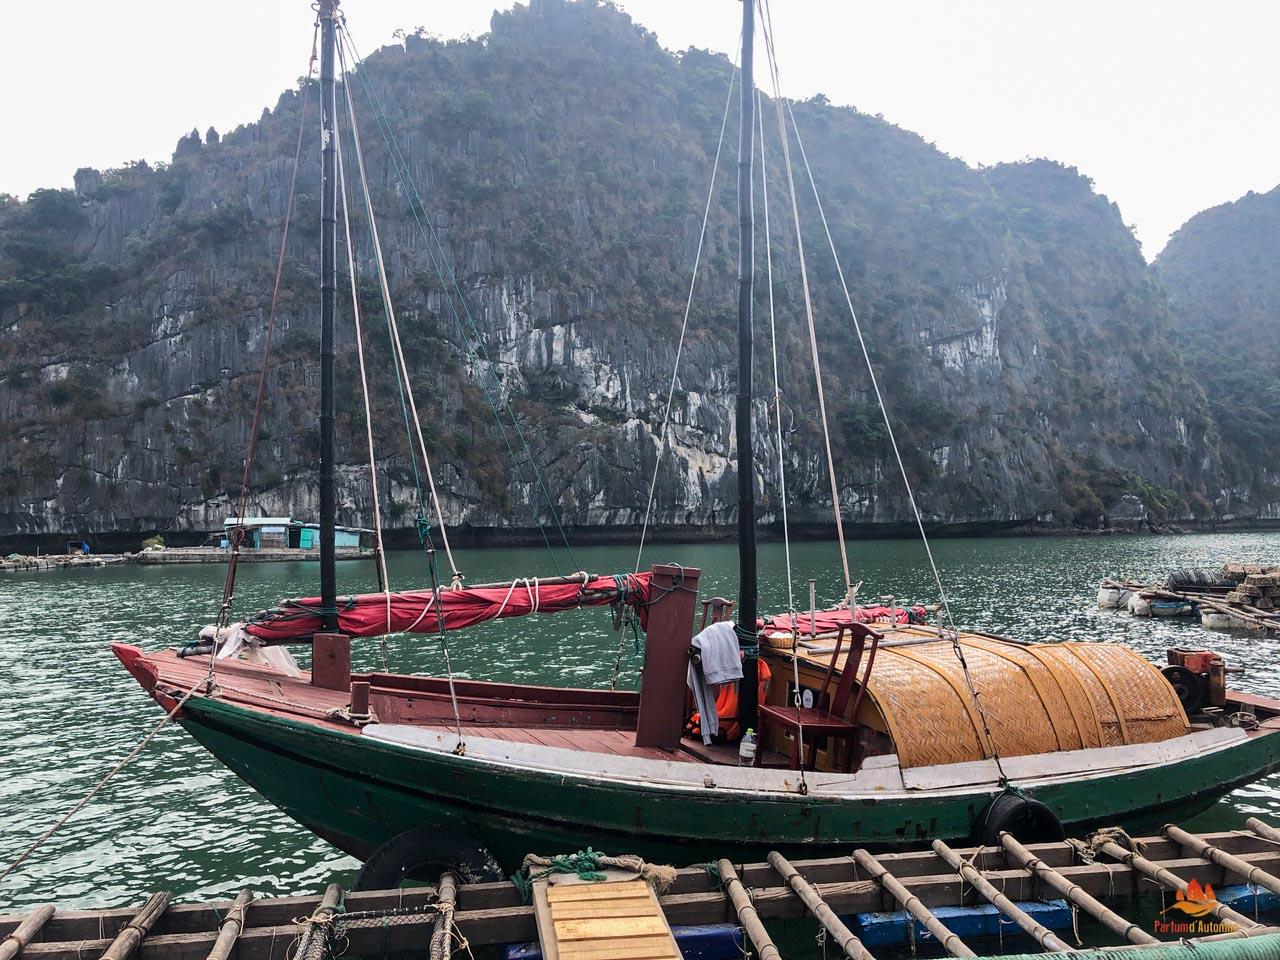 Bateau de pecheur dans la baie de Lan Ha, Baie d'Halong, Vietnam